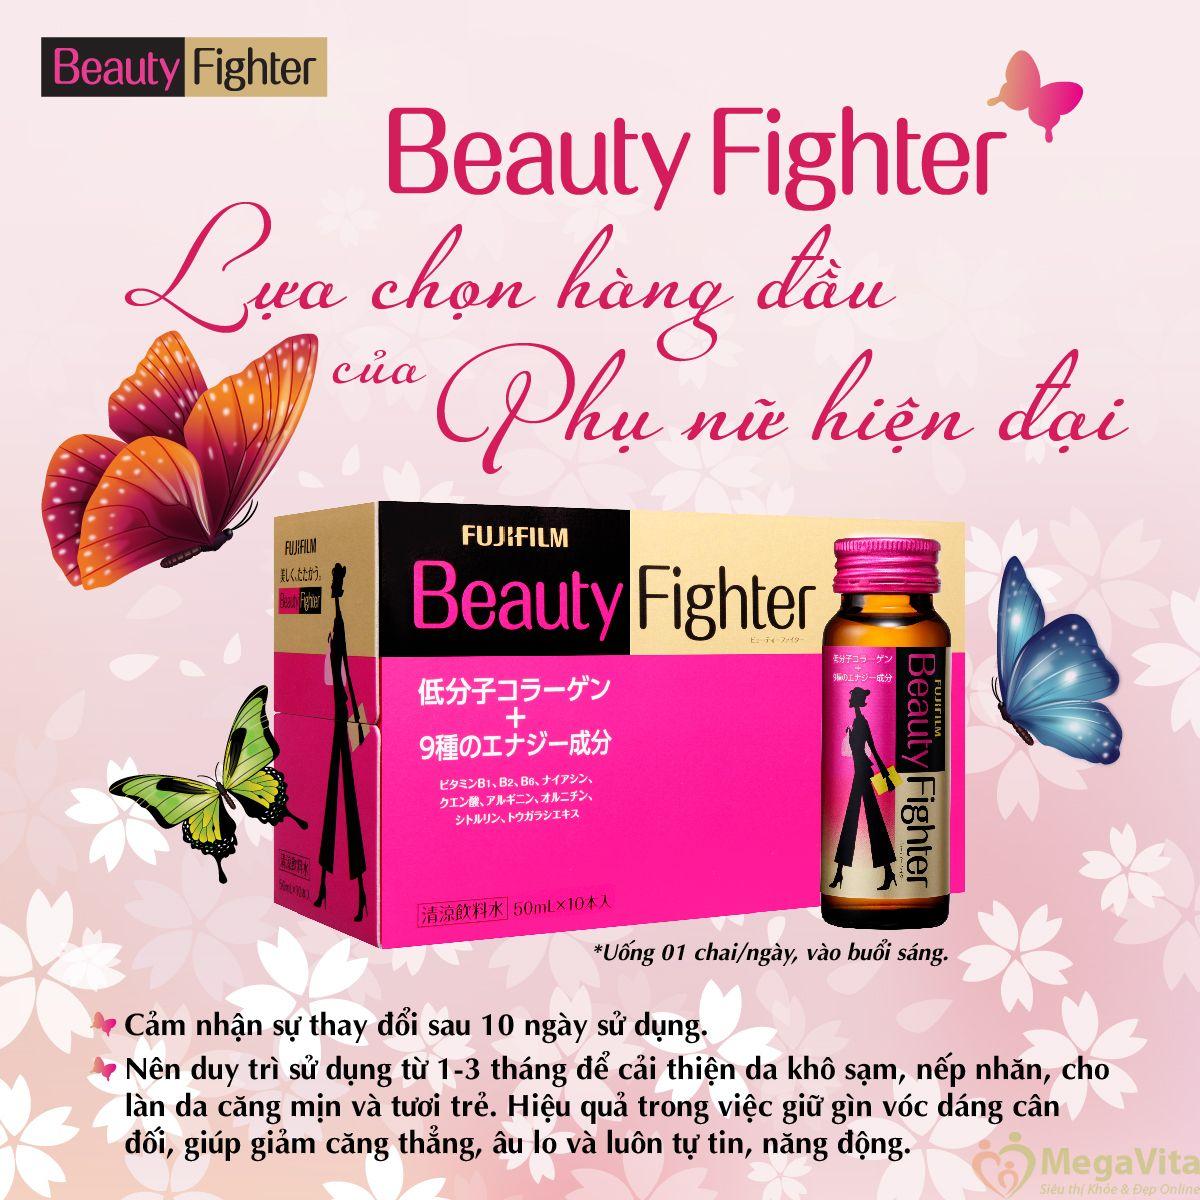 Nước uống bổ sung collagen và vitamin giúp chống lão hóa, tăng cường sức khỏe beauty fighter 3.000mg của nhật bản hộp 10 chai